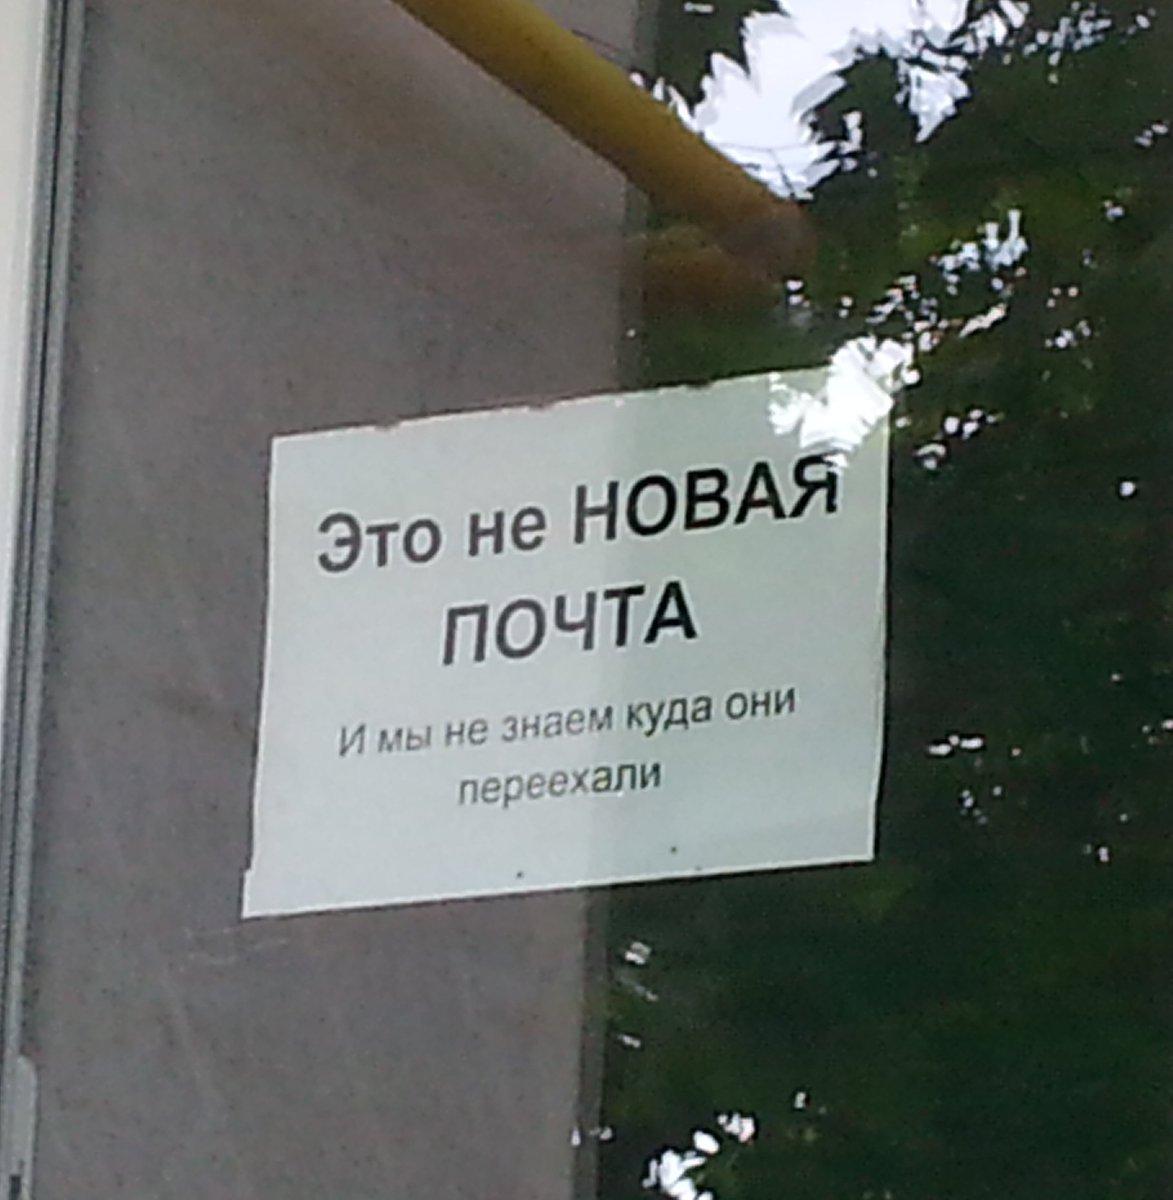 Порошенко исключил из санкционного списка 29 иностранных журналистов - Цензор.НЕТ 4683